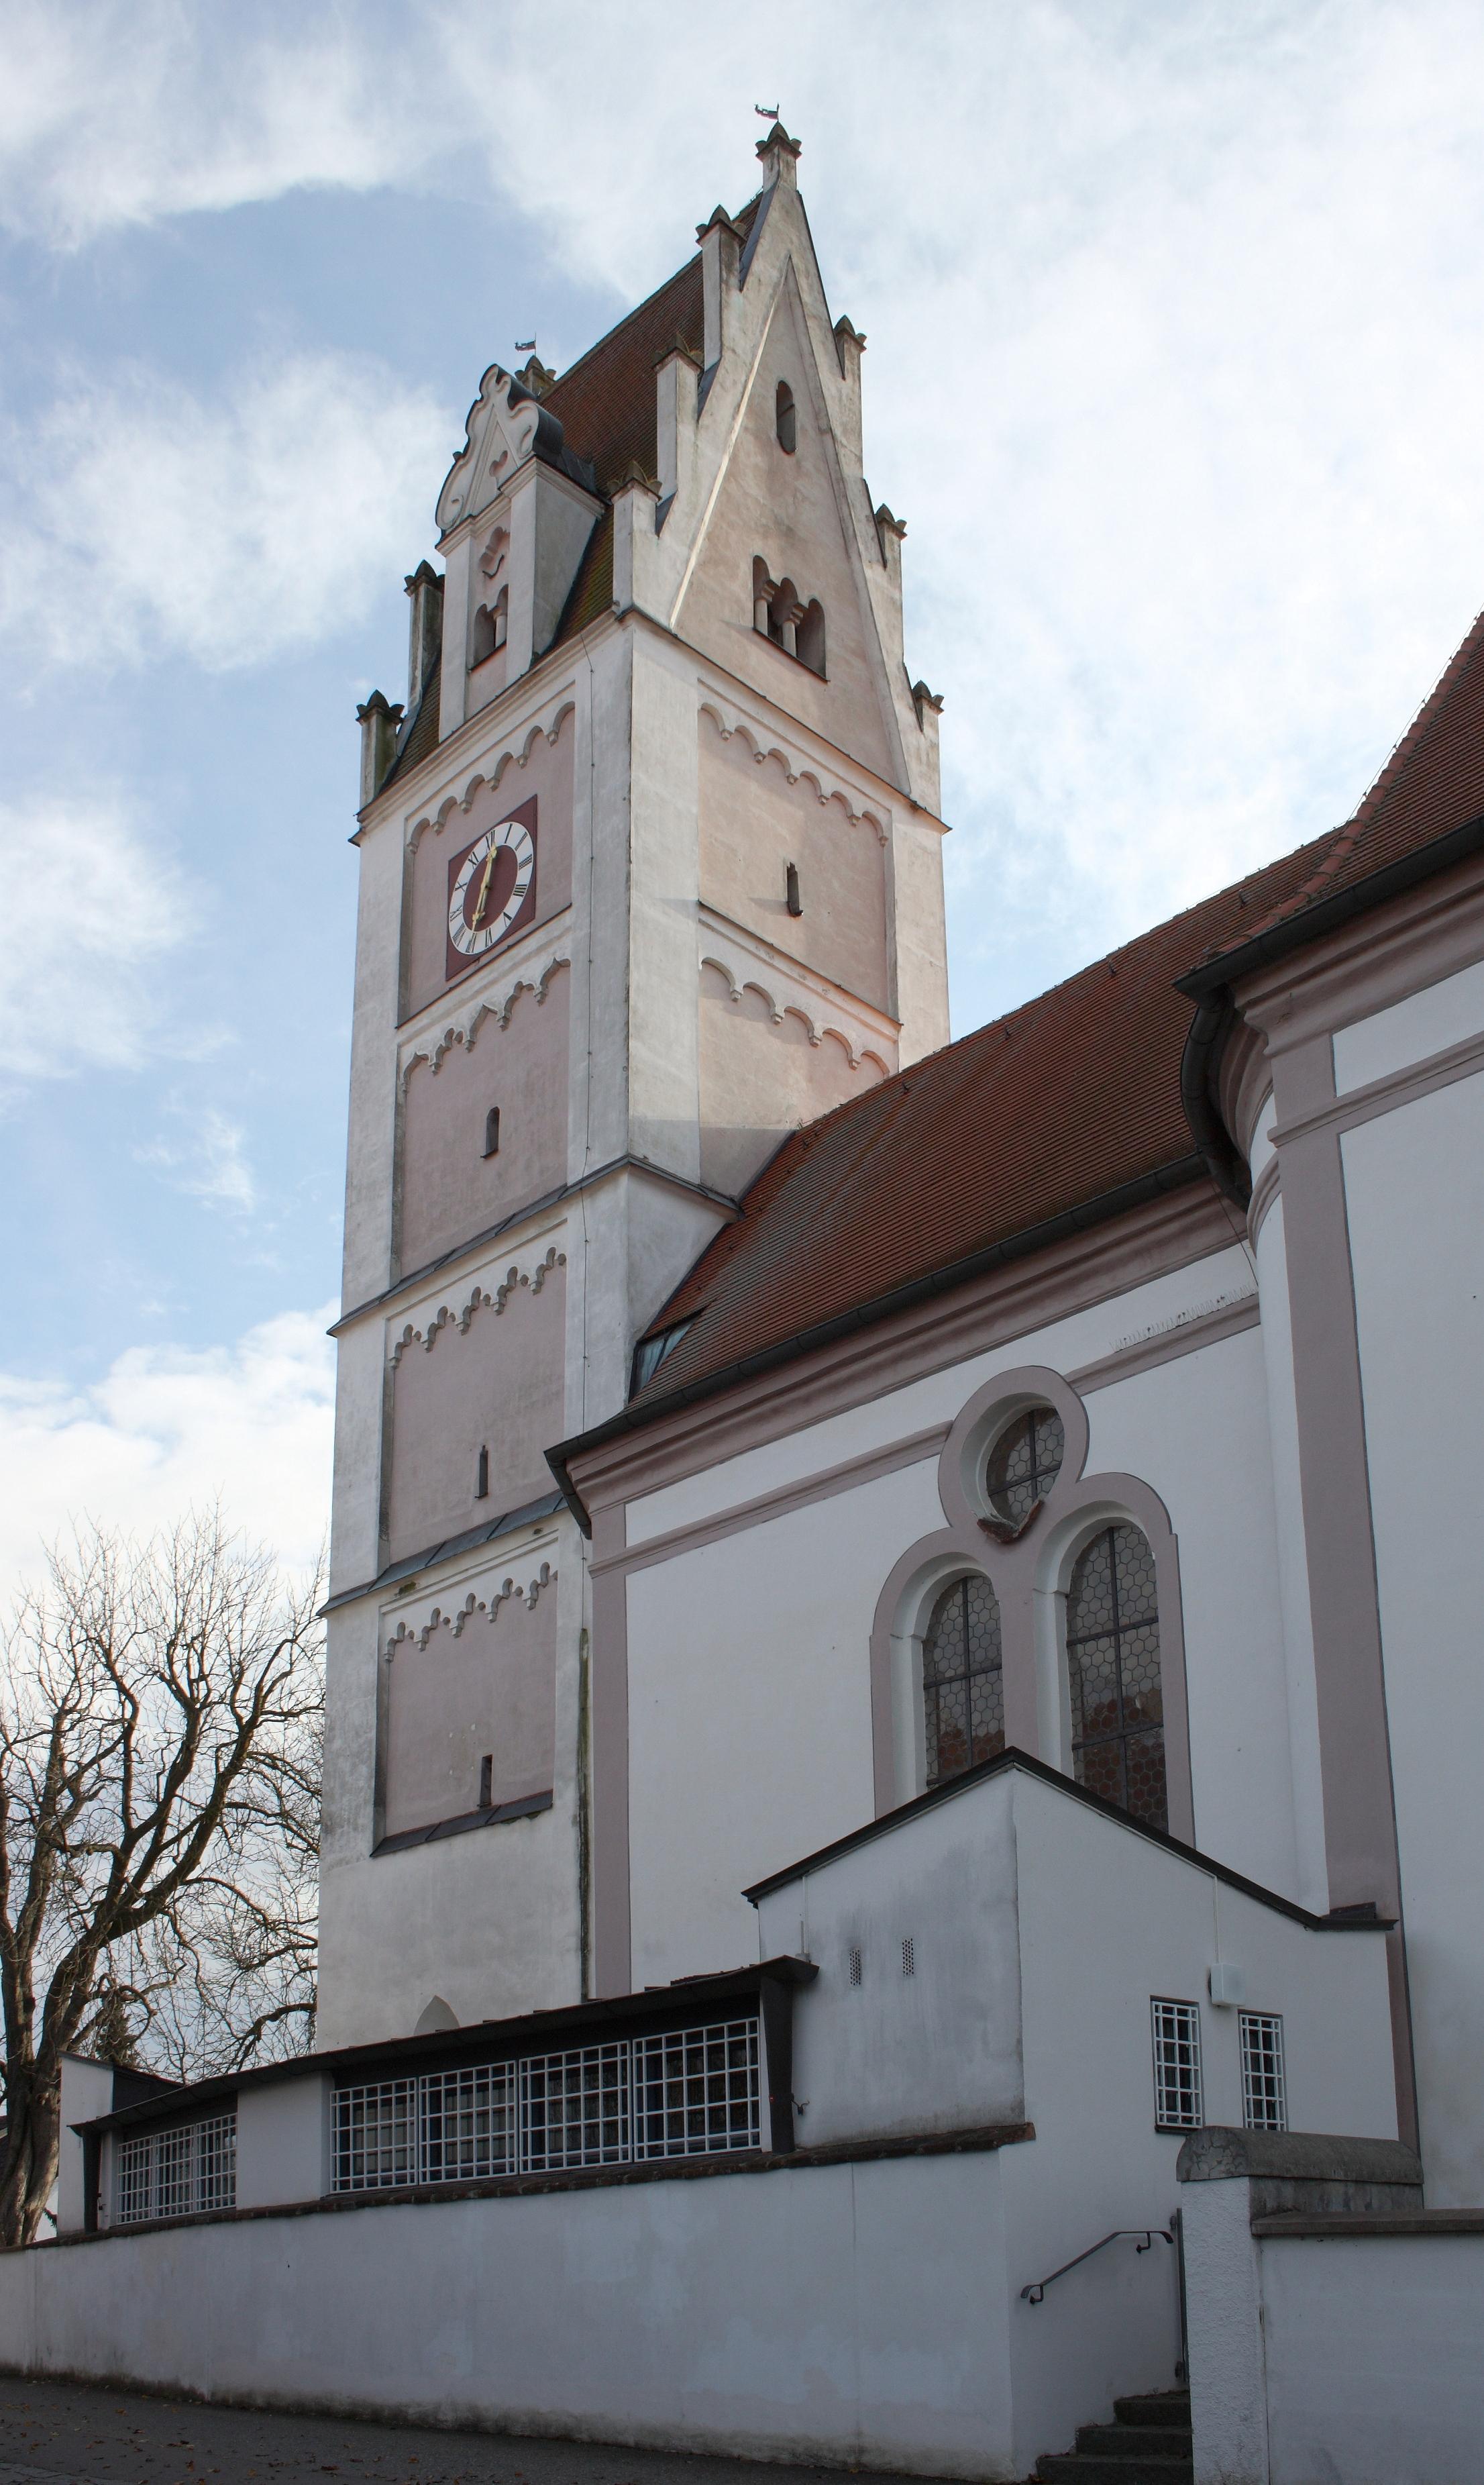 File:Scheppach Mariä Himmelfahrt 72 JPG - Wikimedia Commons